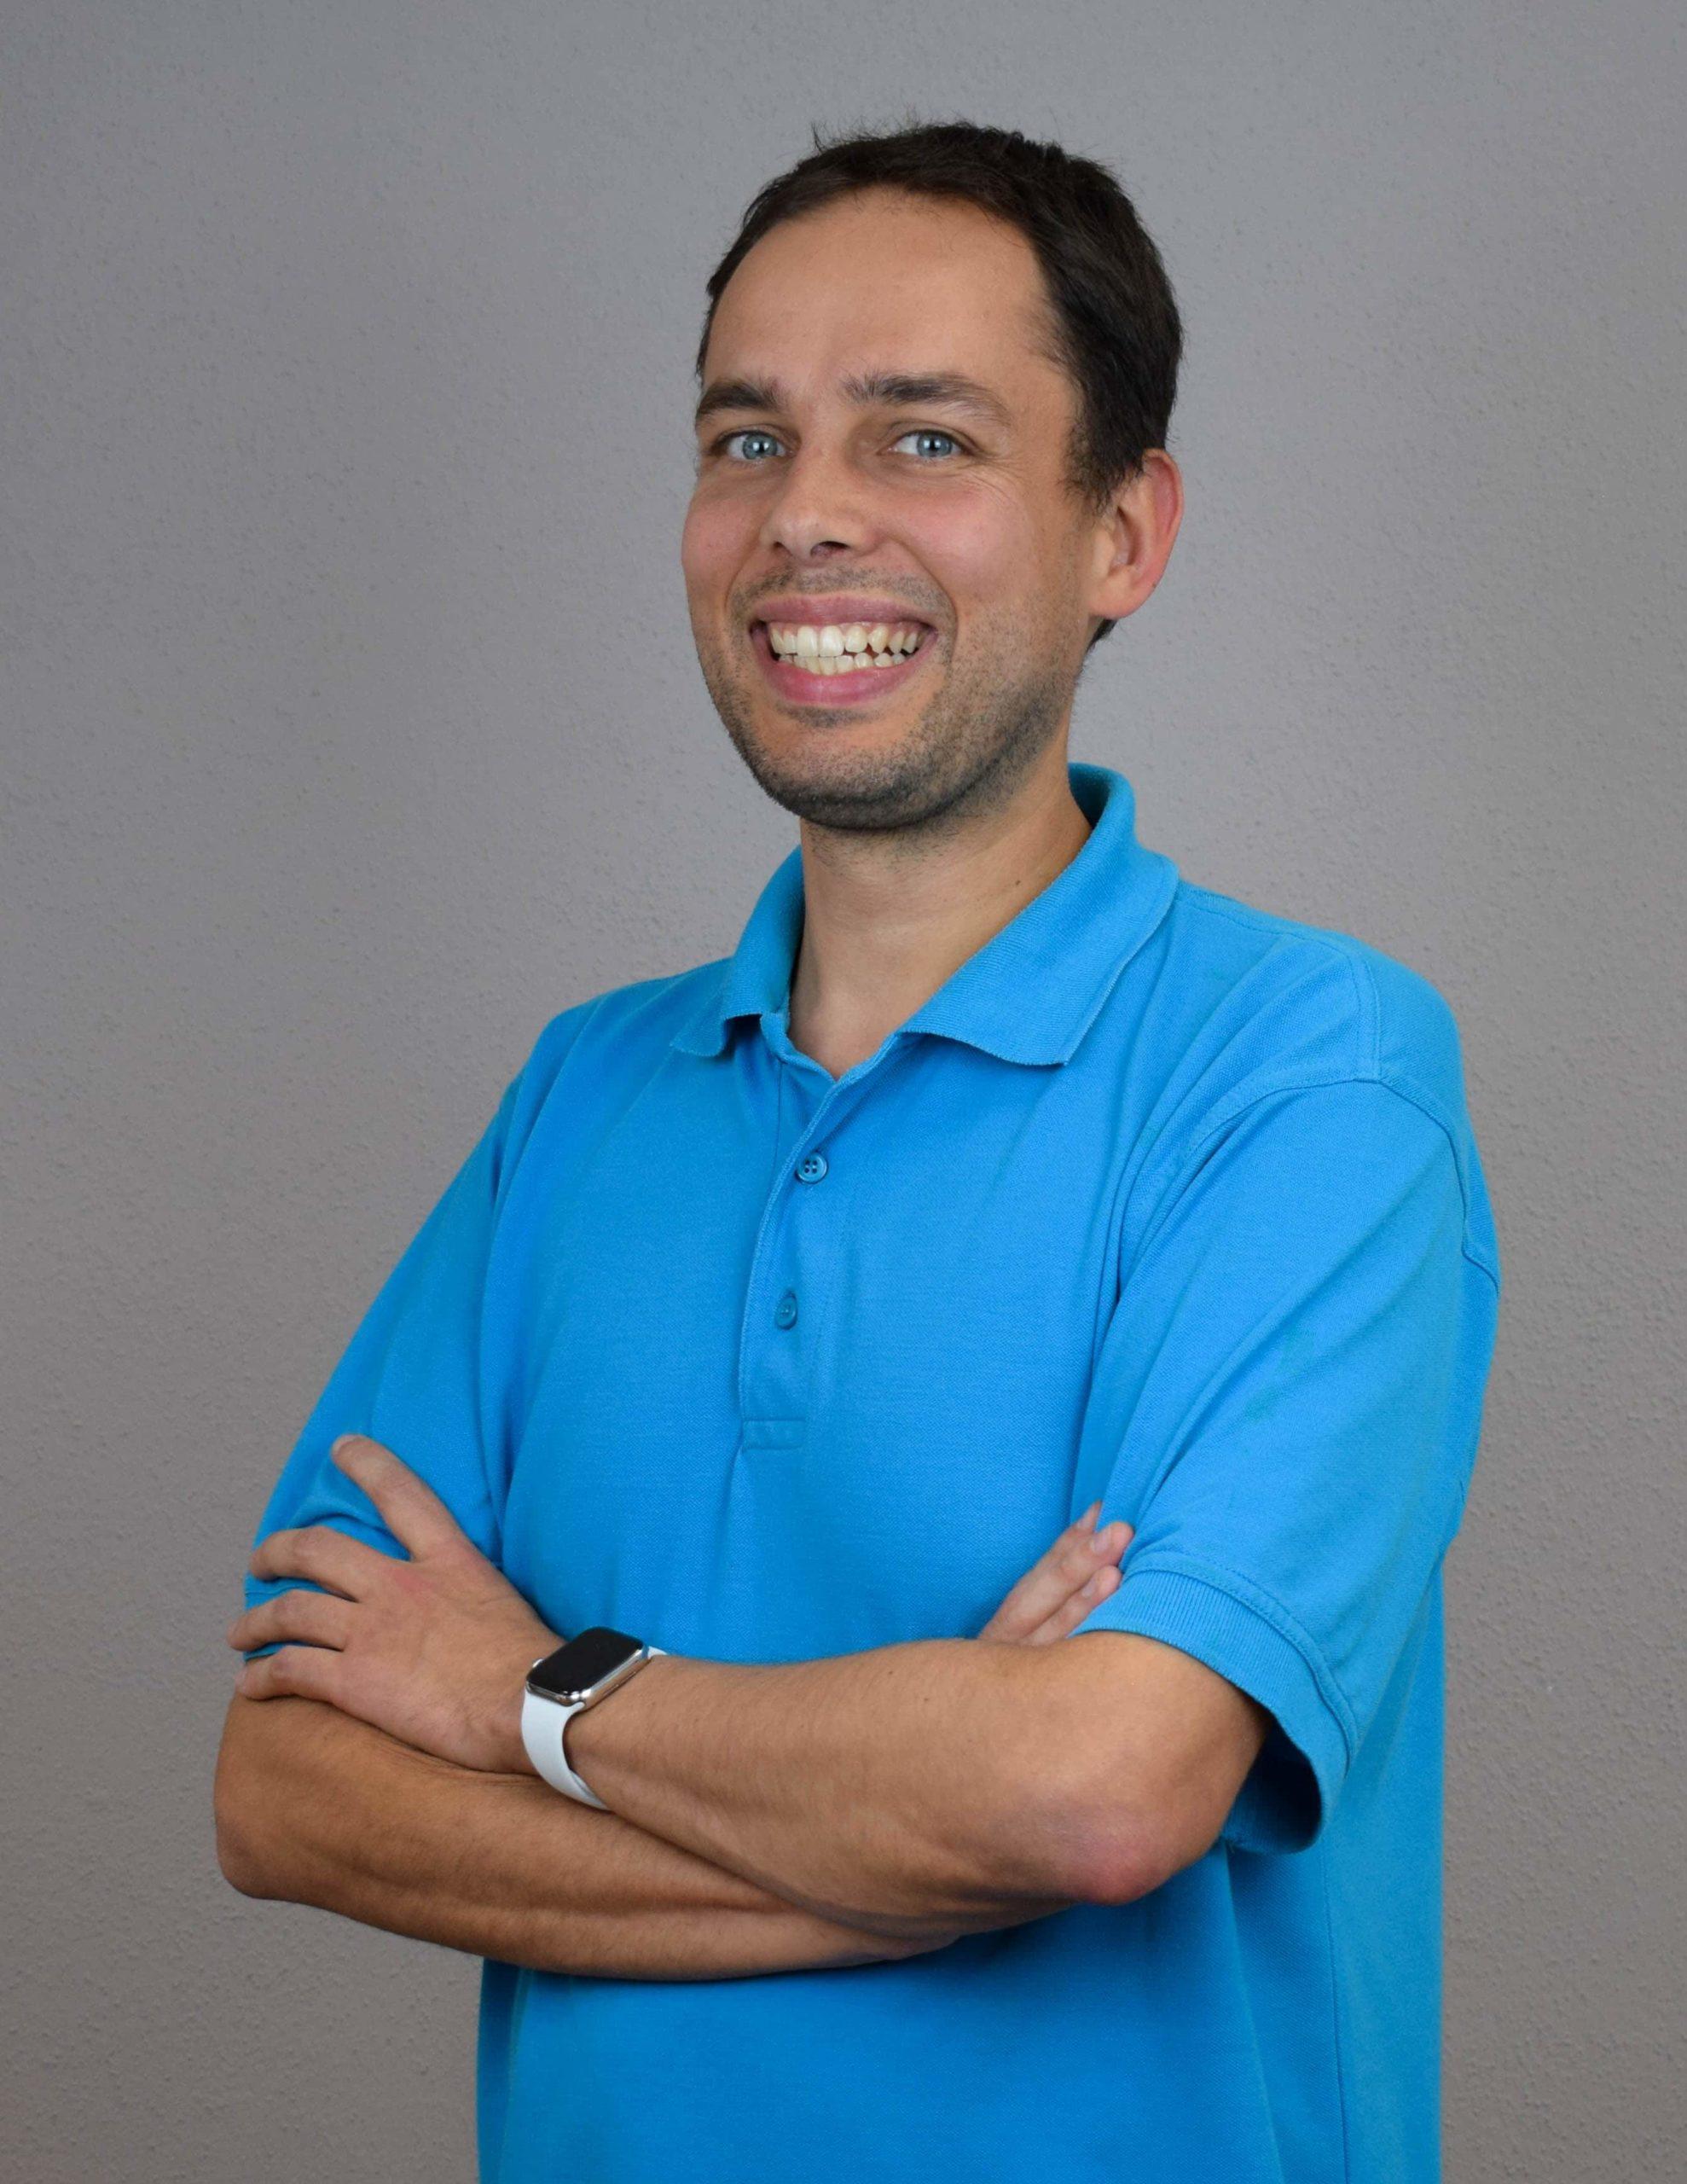 Dr. med. Christian Stenner